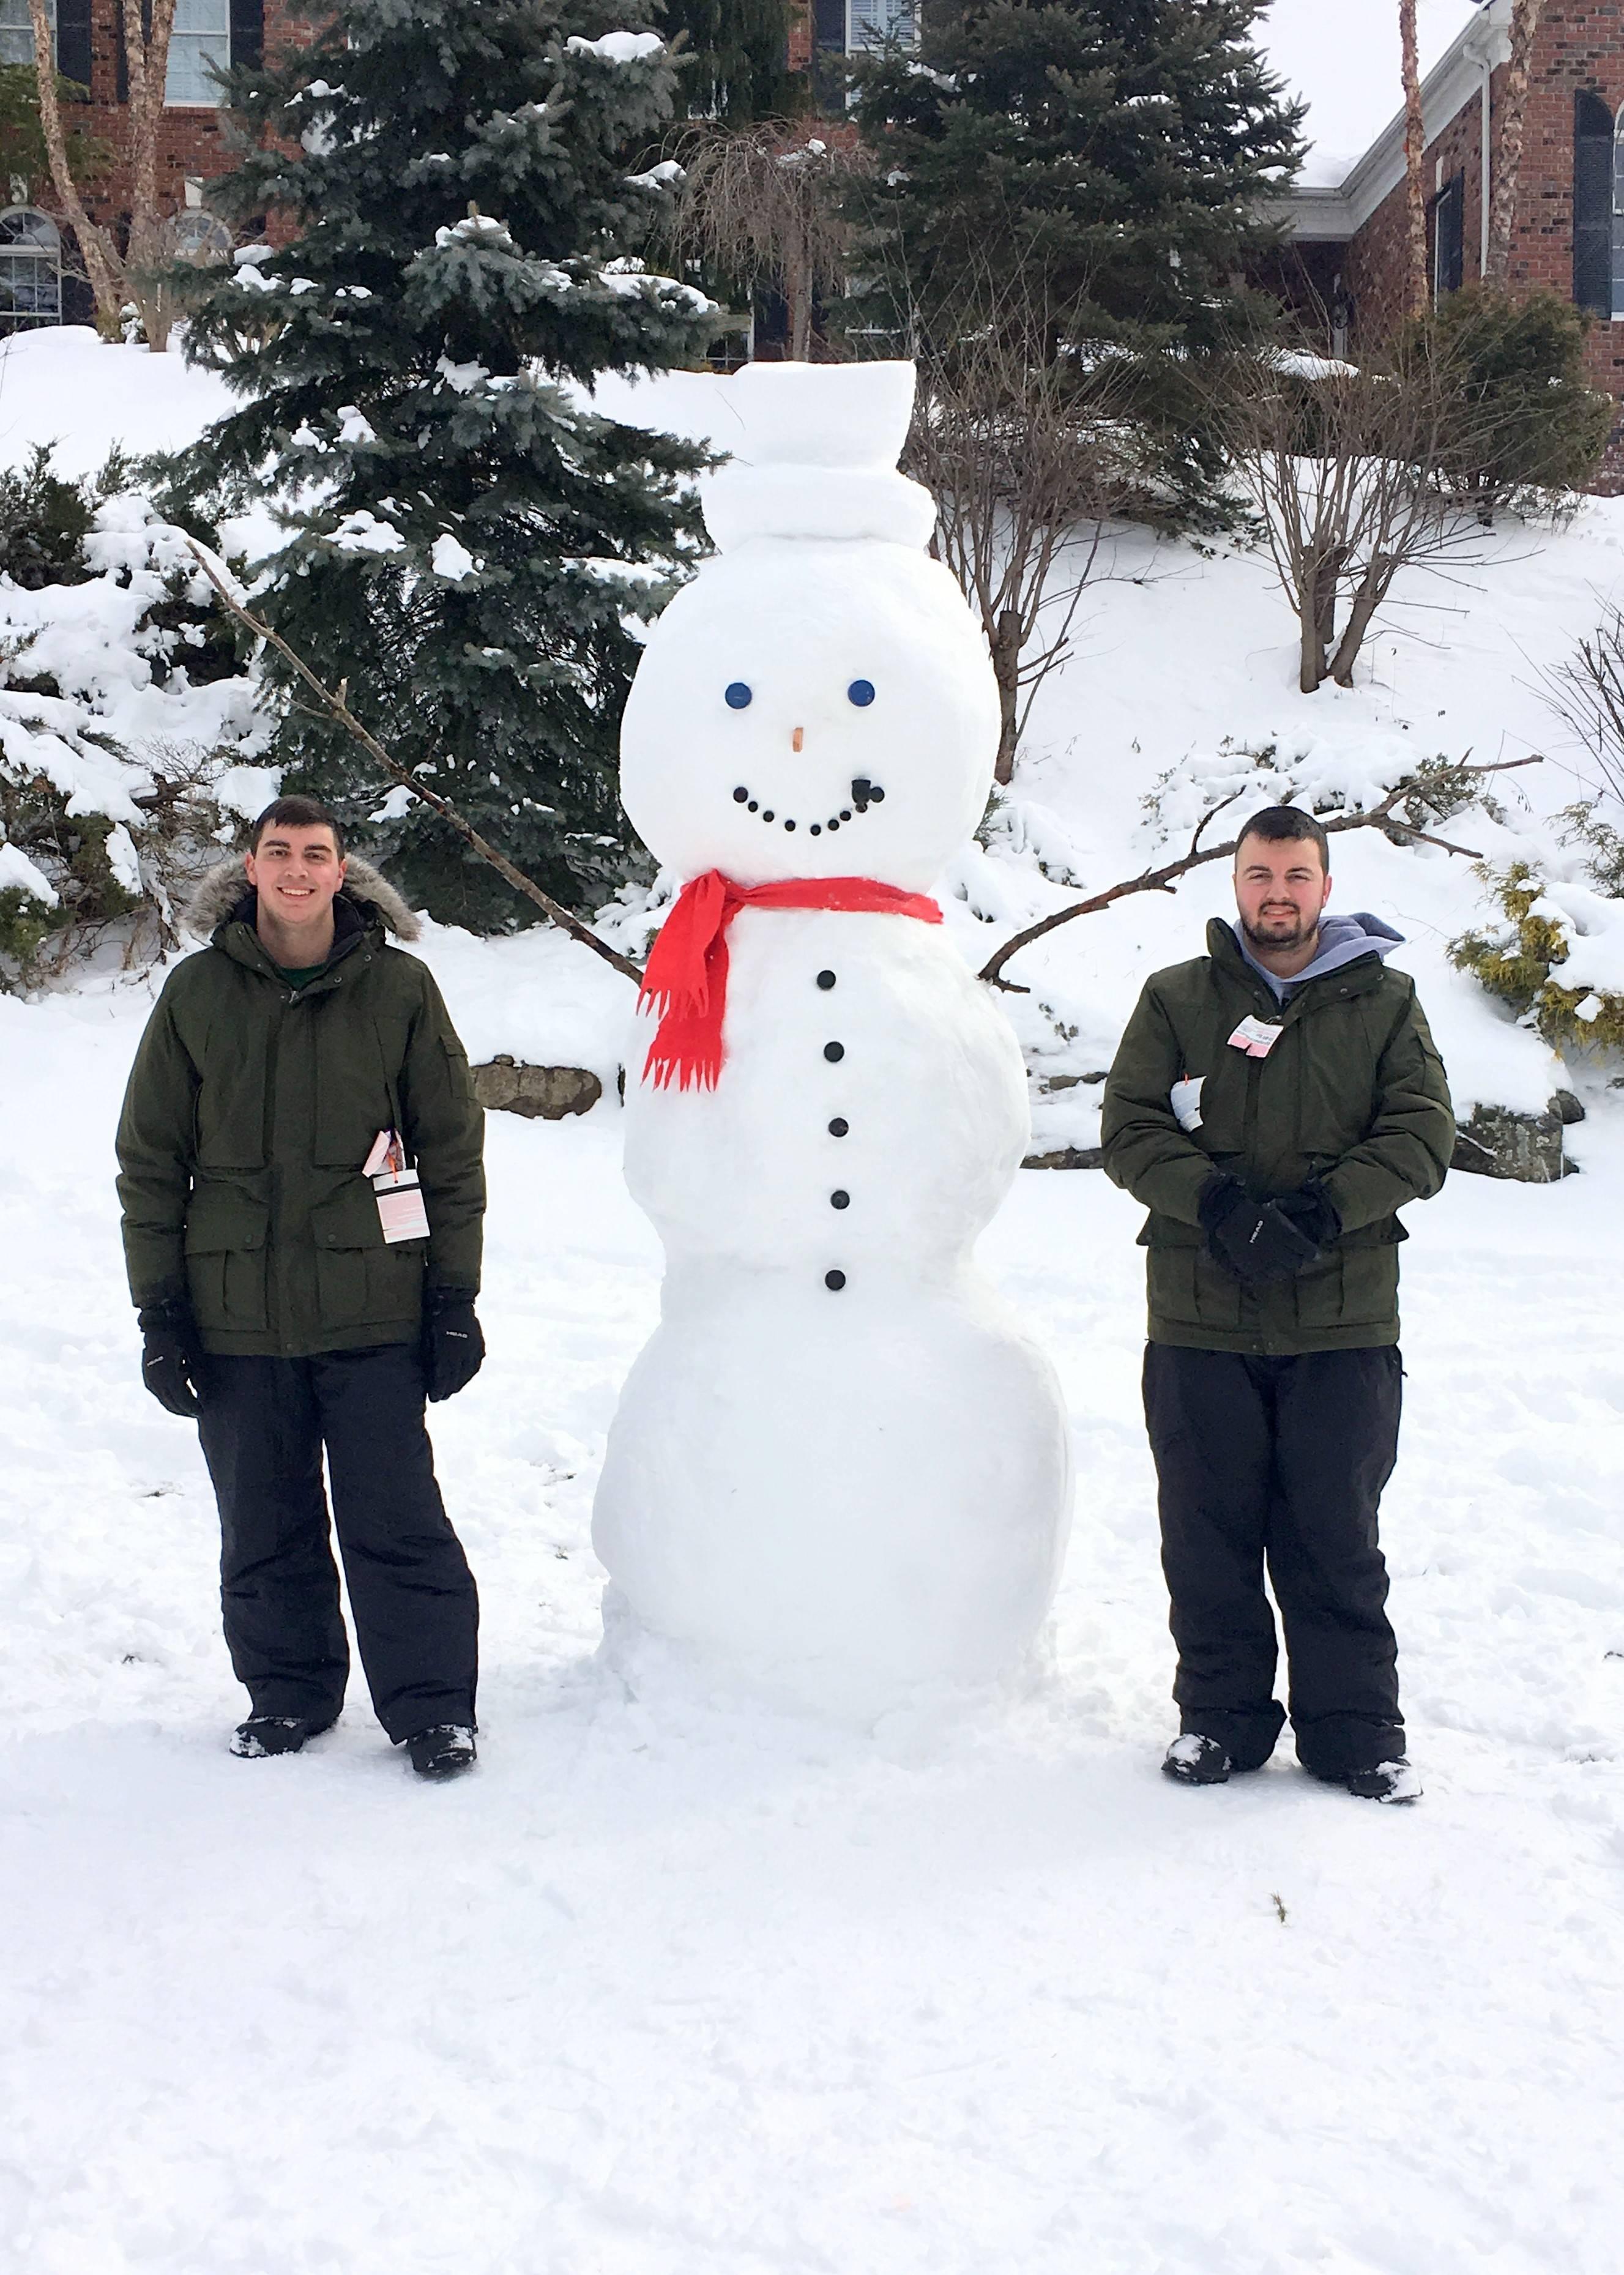 24f34102305786a02a85_Snowman.jpg